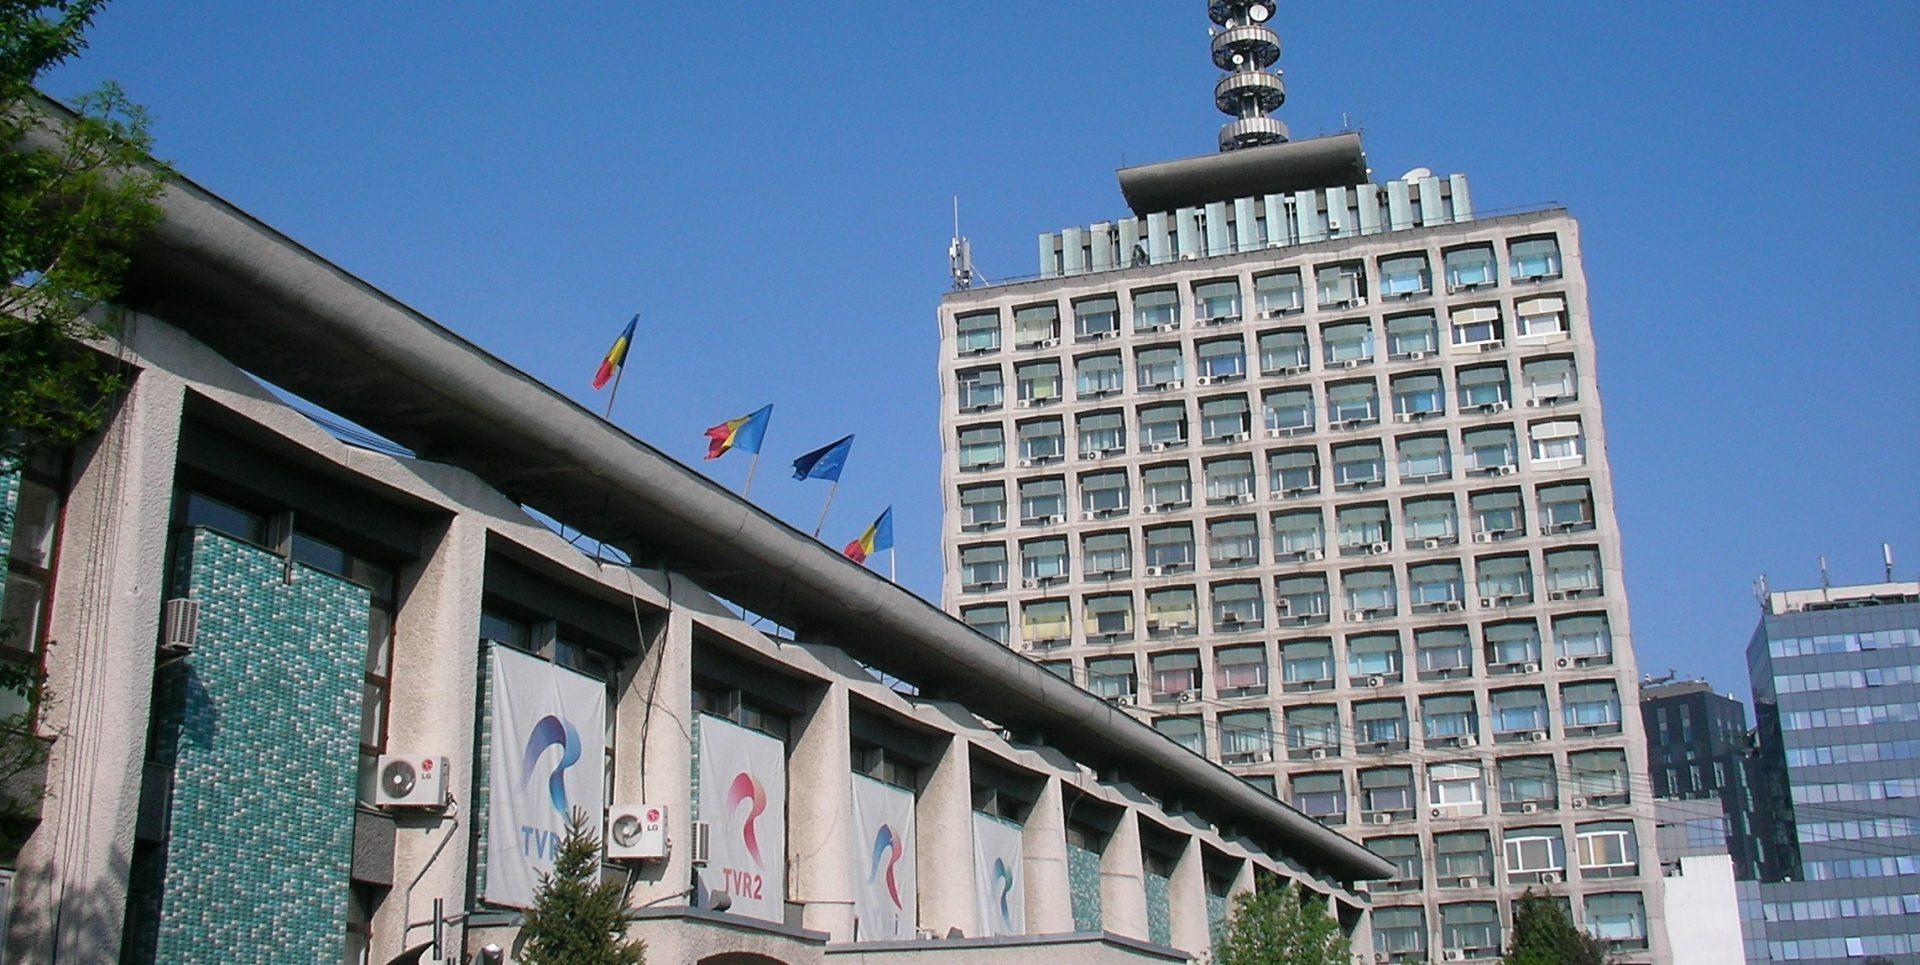 Numirile interimare de la TVR și Radio, contestate de PSD la Curtea Constituțională